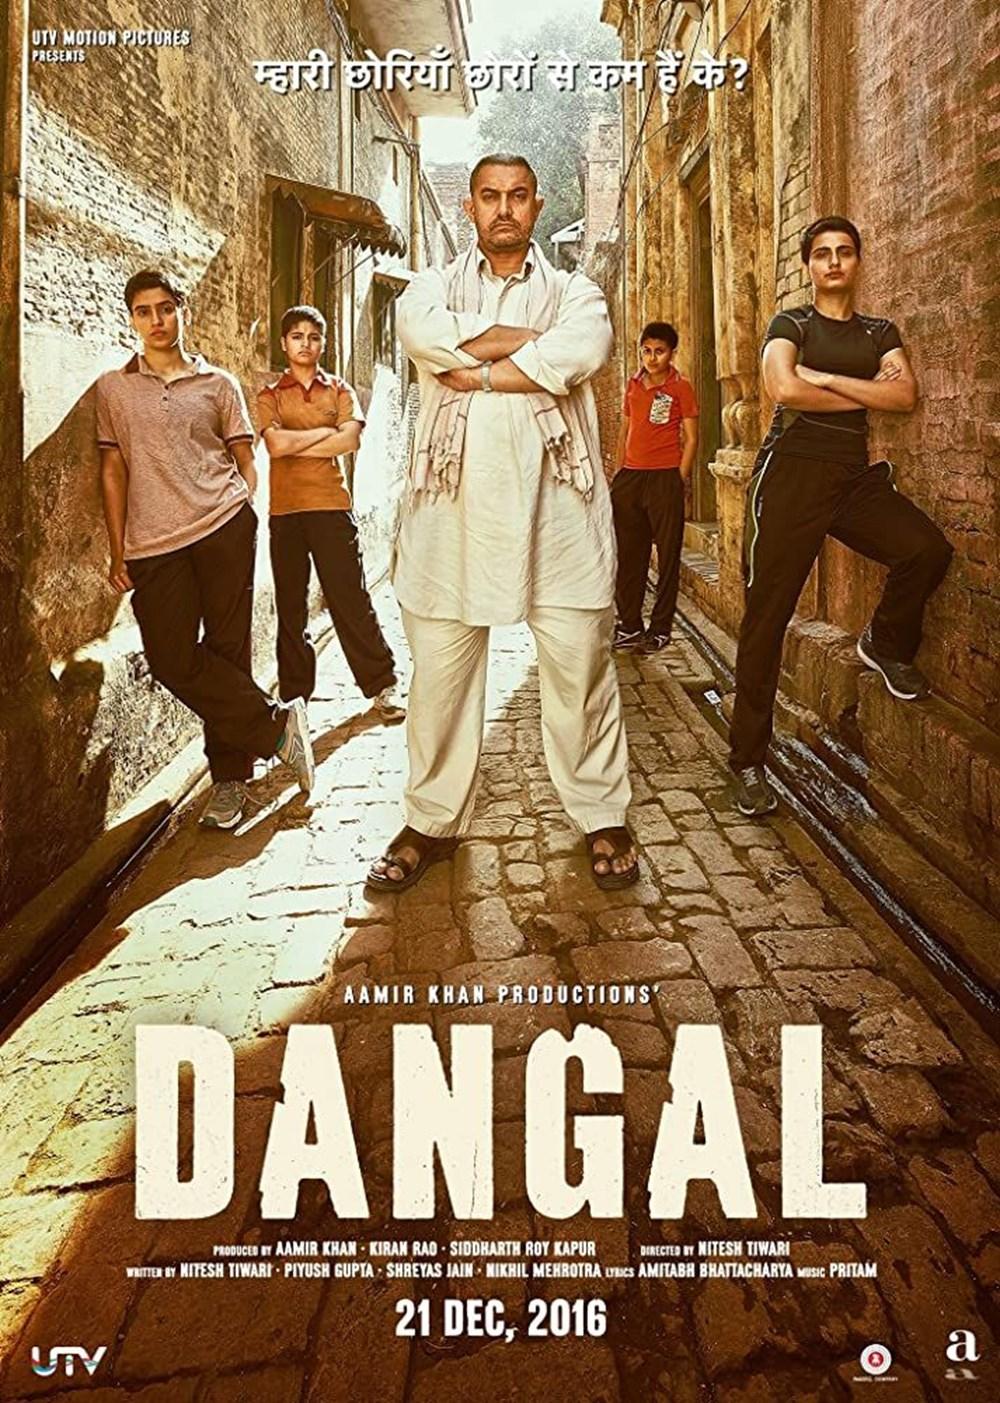 En iyi Hint filmleri - IMDb verileri (Bollywood sineması) - 35